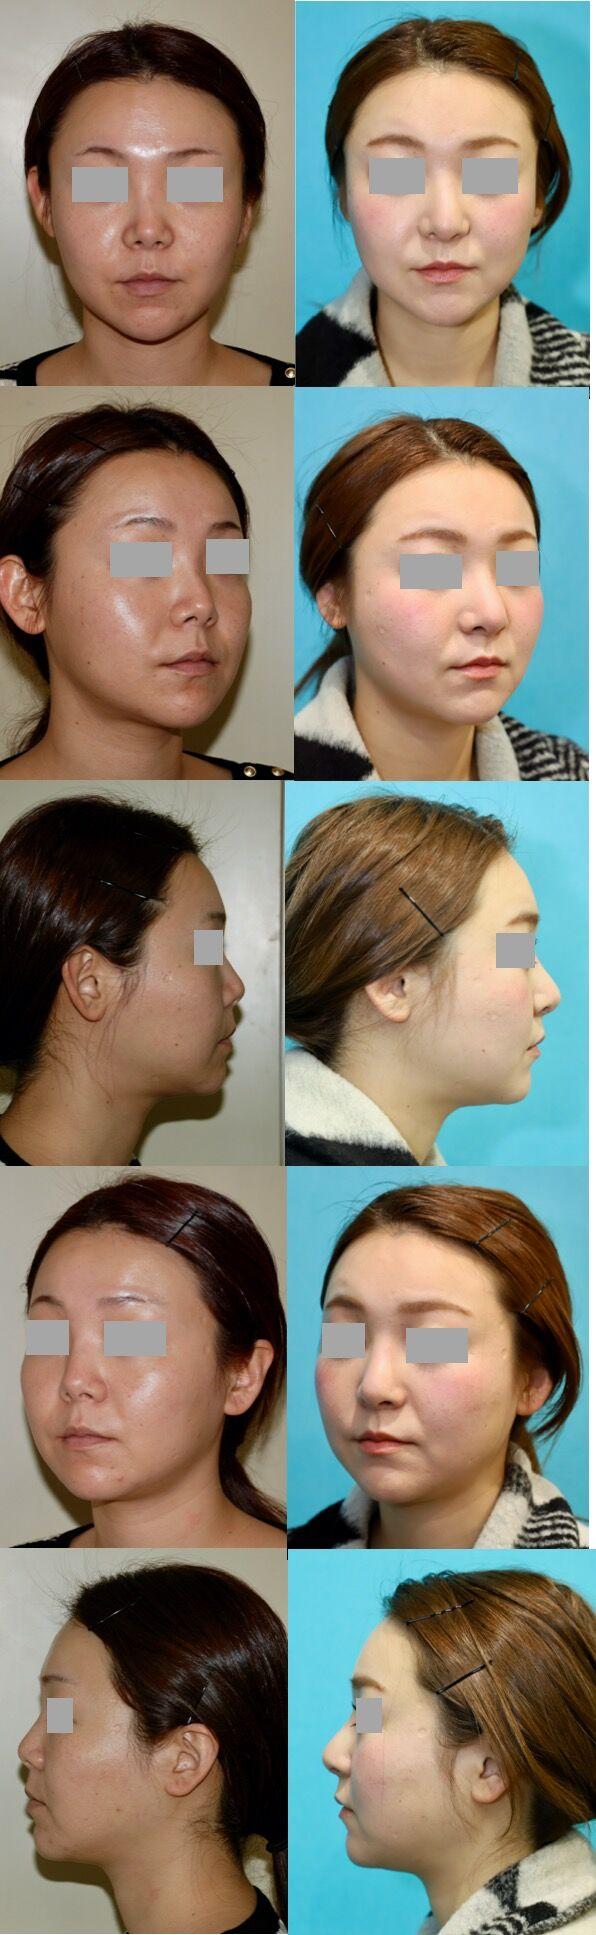 鼻中隔延長術、隆鼻術 術後5ヶ月